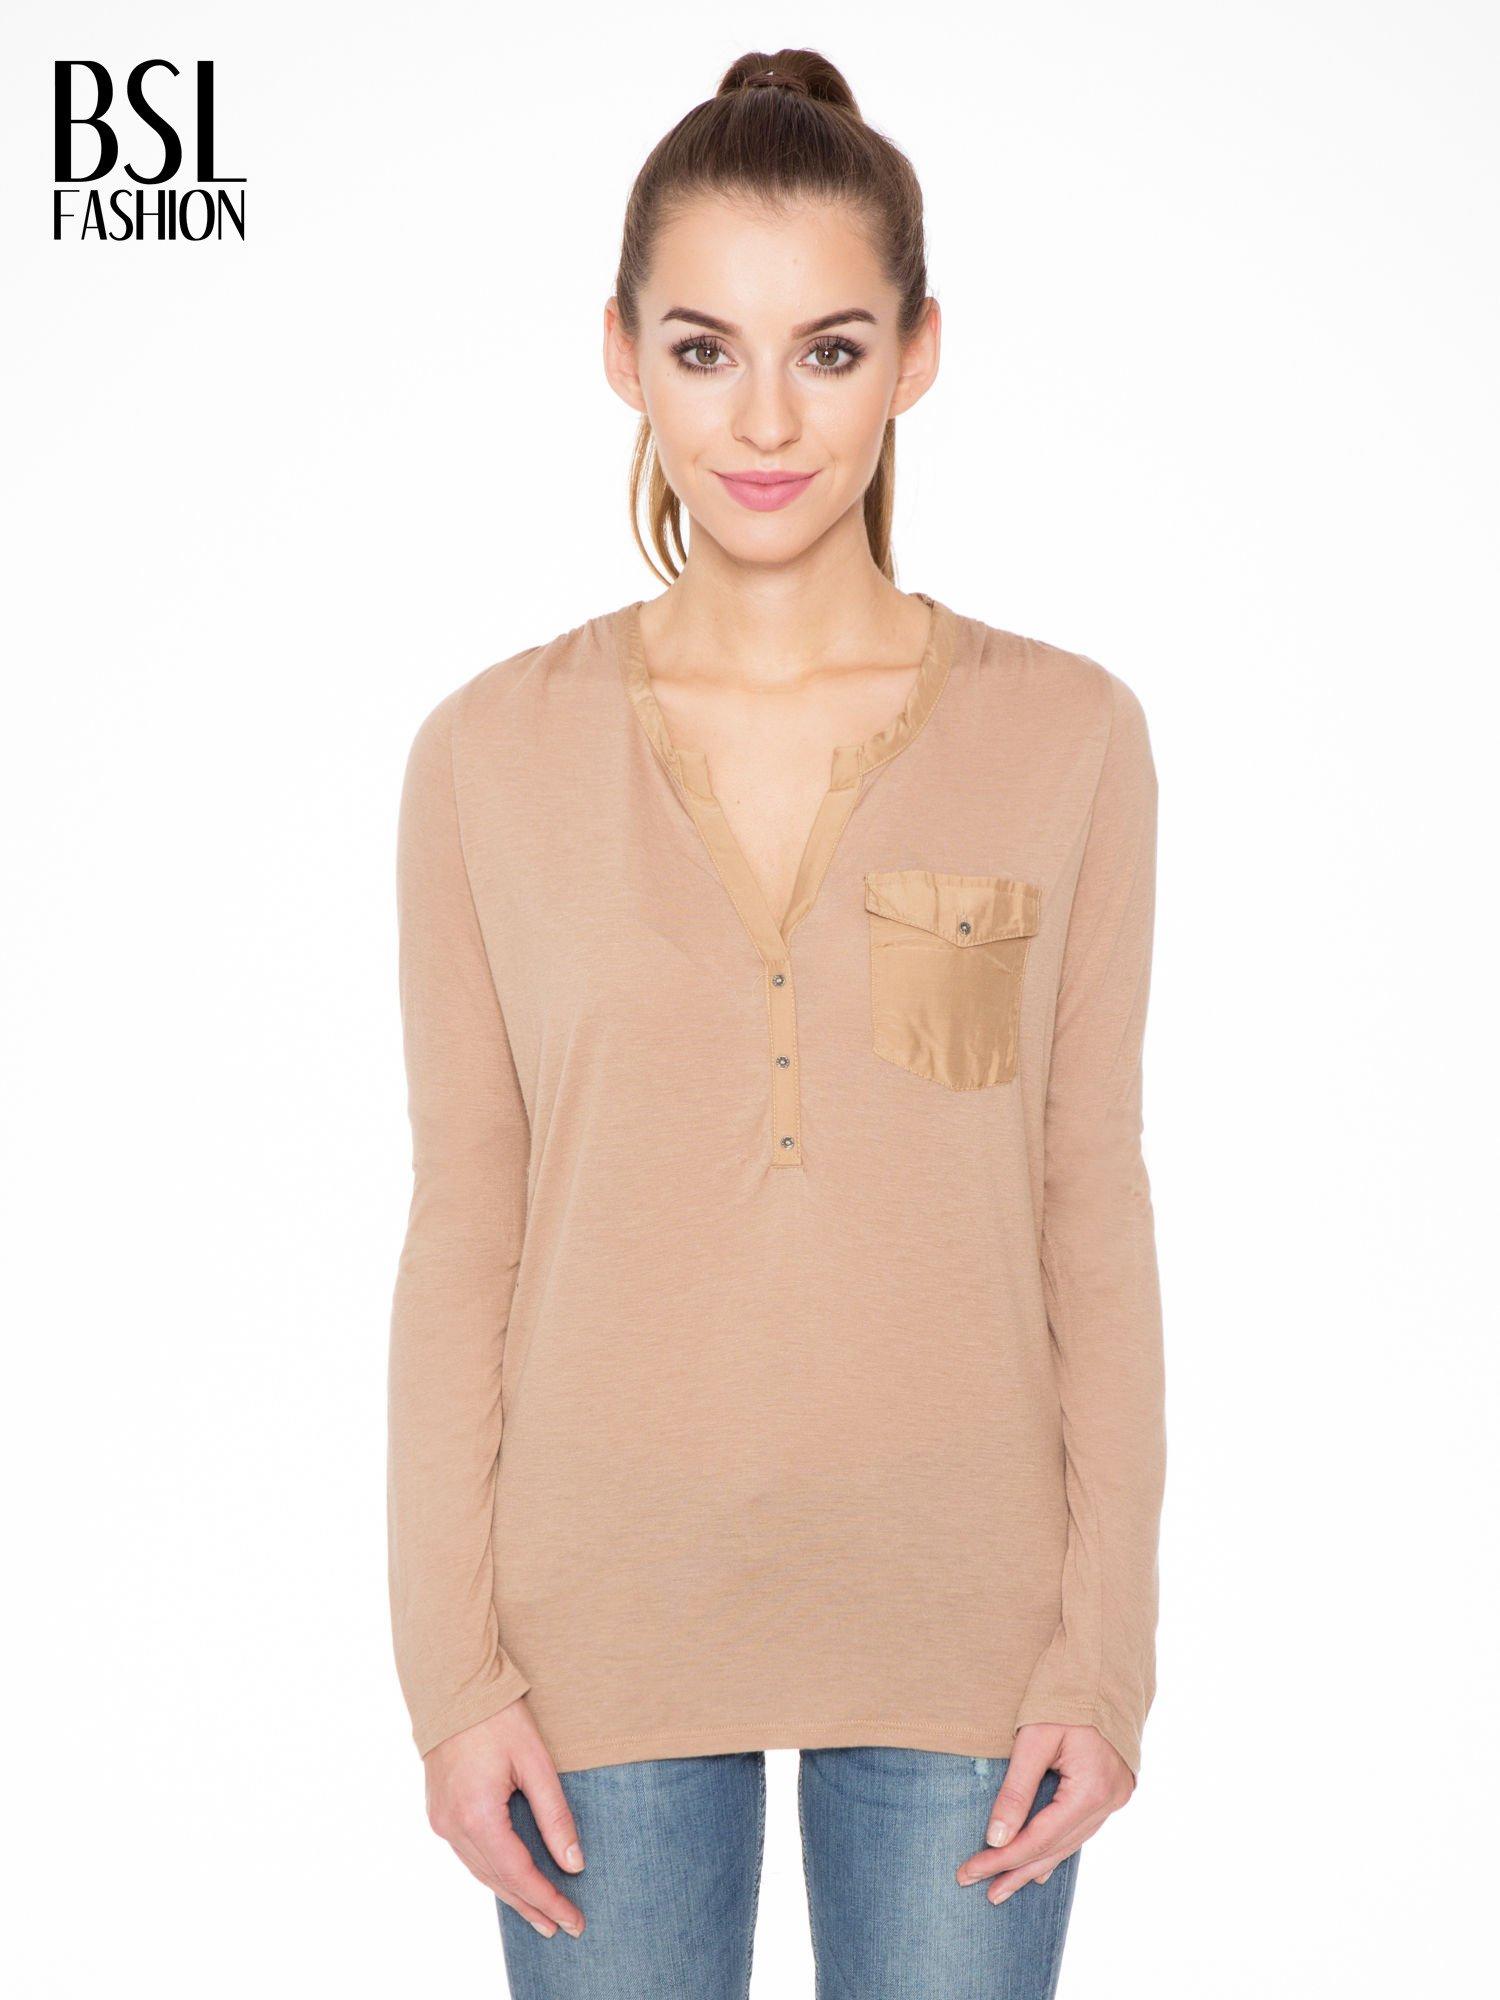 Jasnobrązowa bluzka z atłasowym obszyciem przy dekolcie i kieszonką                                  zdj.                                  1